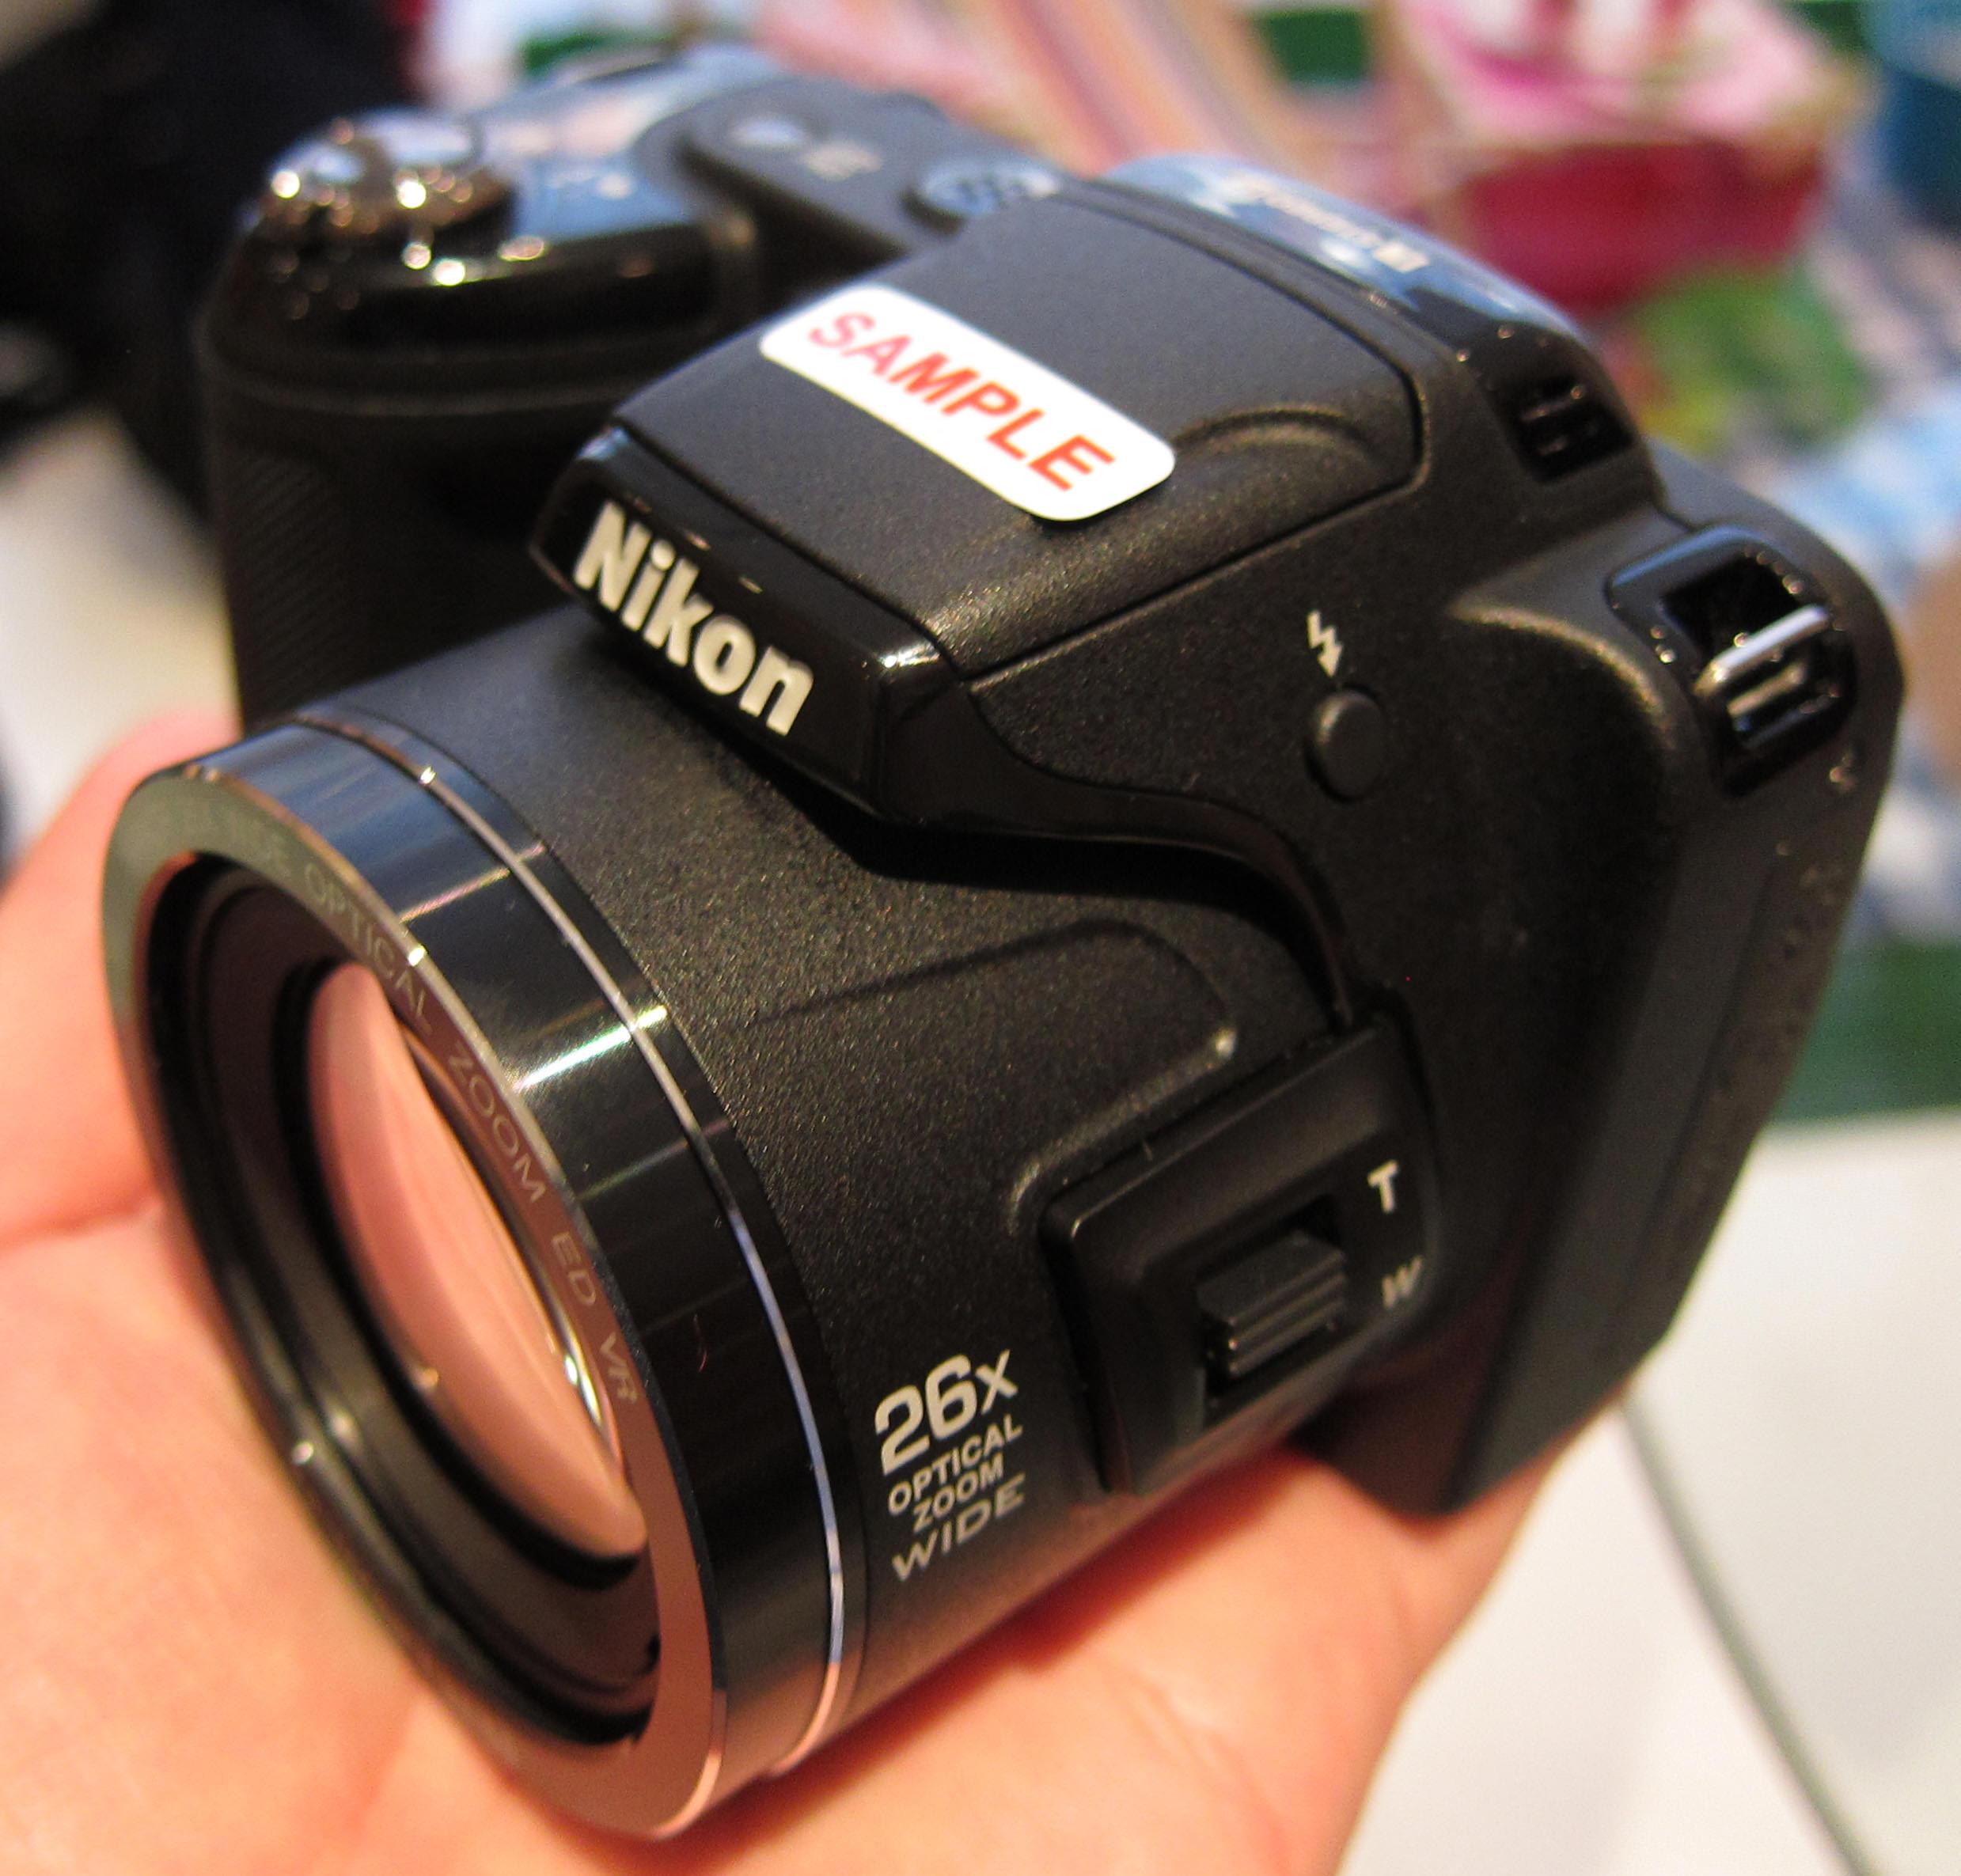 Nikon coolpix l810 sample pictures